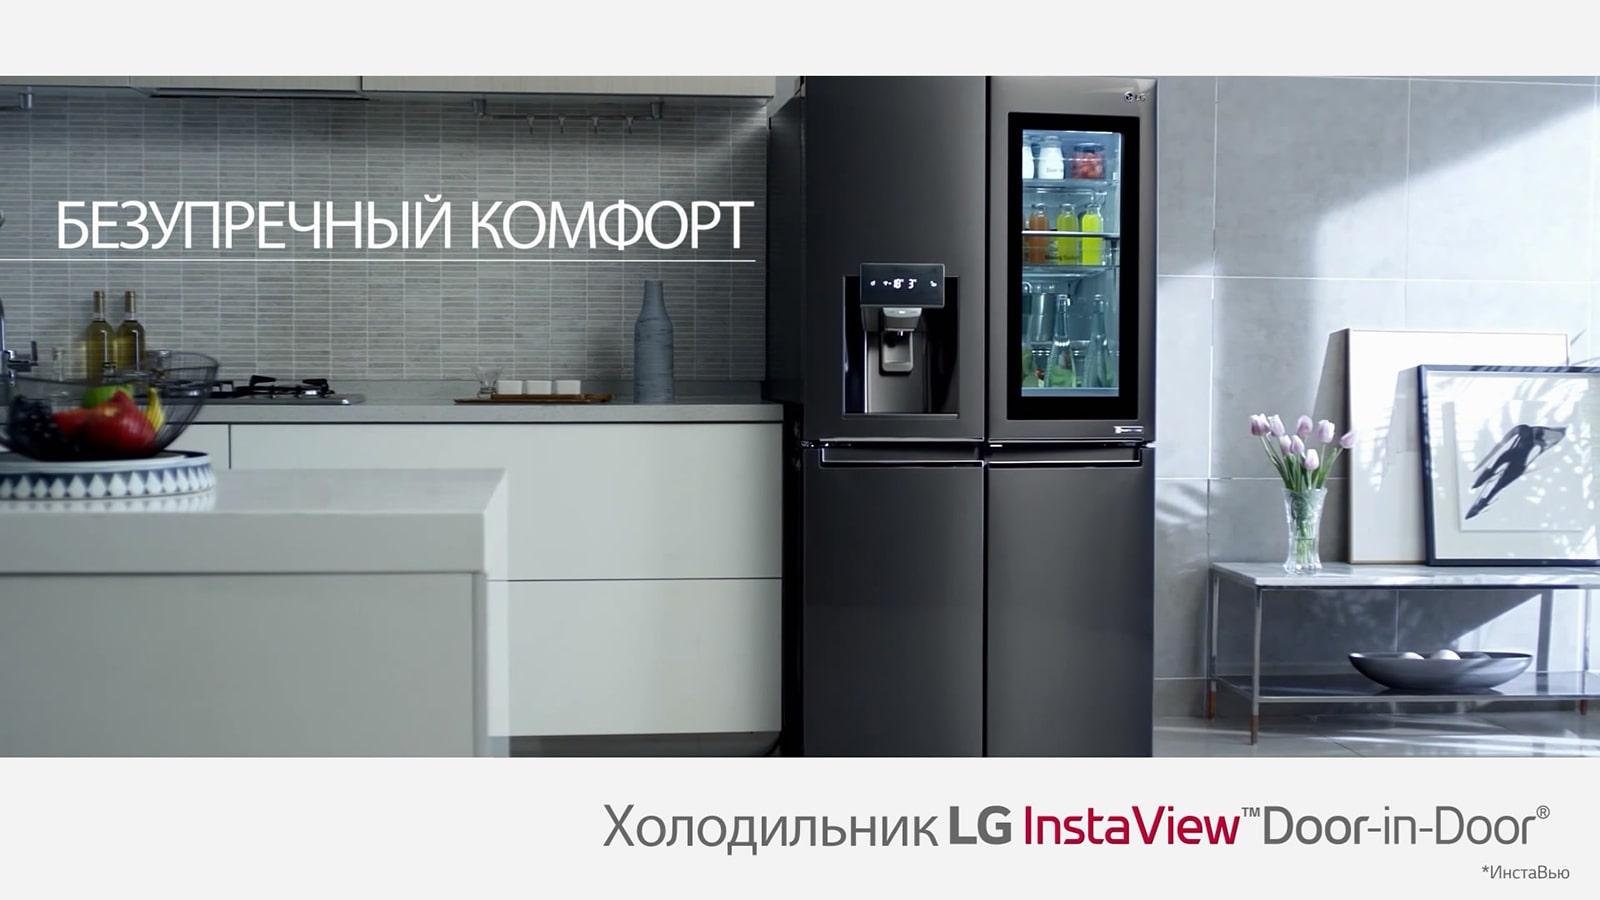 В холодильнике InstaView Door-in-Door много места для продуктов